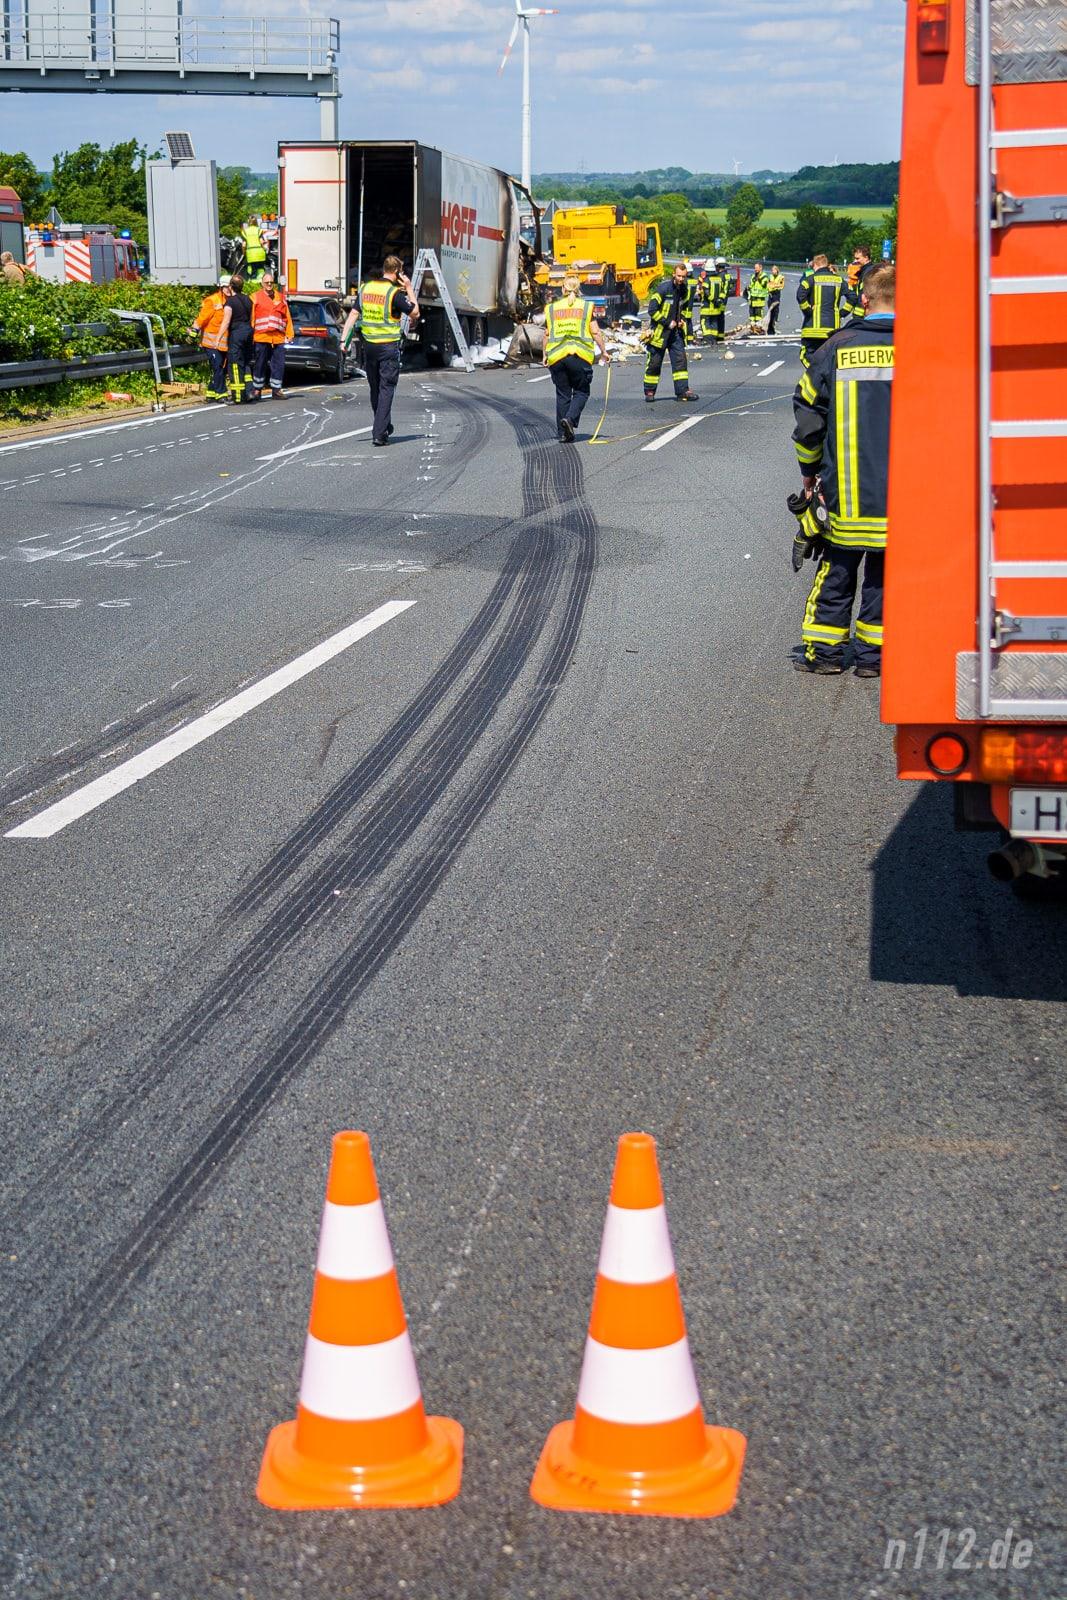 Deutlich ist der Reifenabrieb des vermutlich geplatzten Reifens zu sehen (Foto: n112.de/Stefan Simonsen)